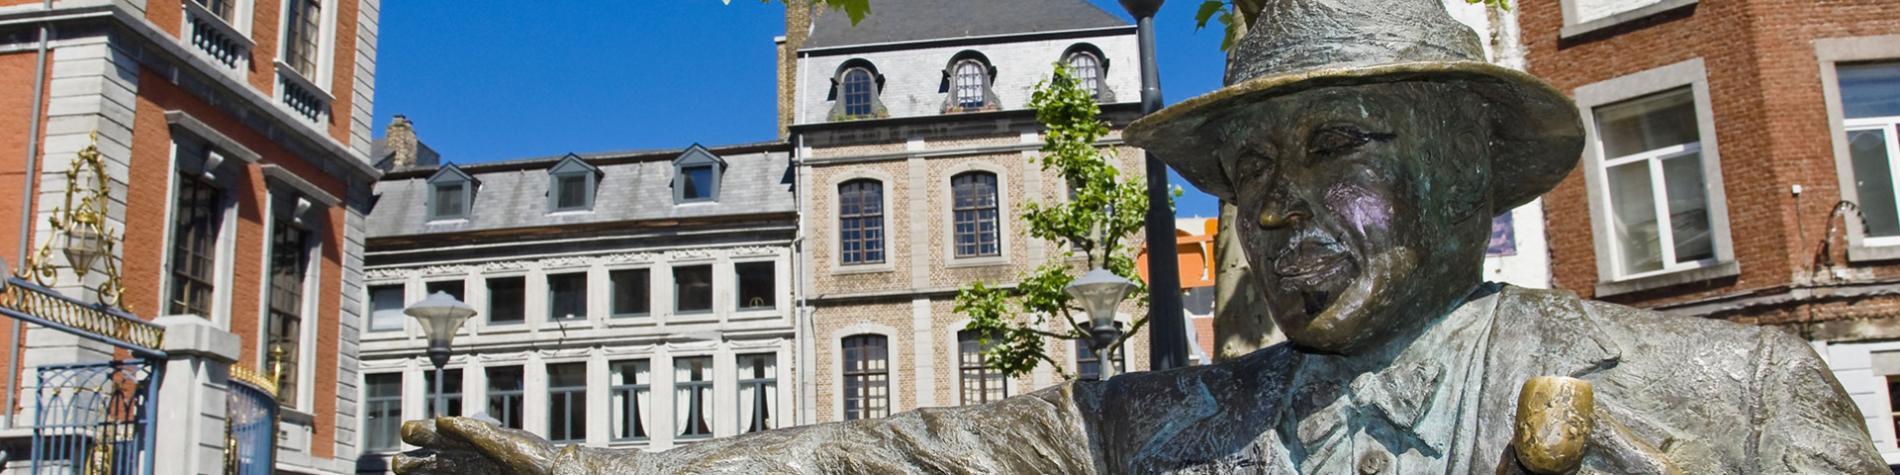 Liège - Statue - Georges Simenon - Place - Commissaire Maigret - Roman policier